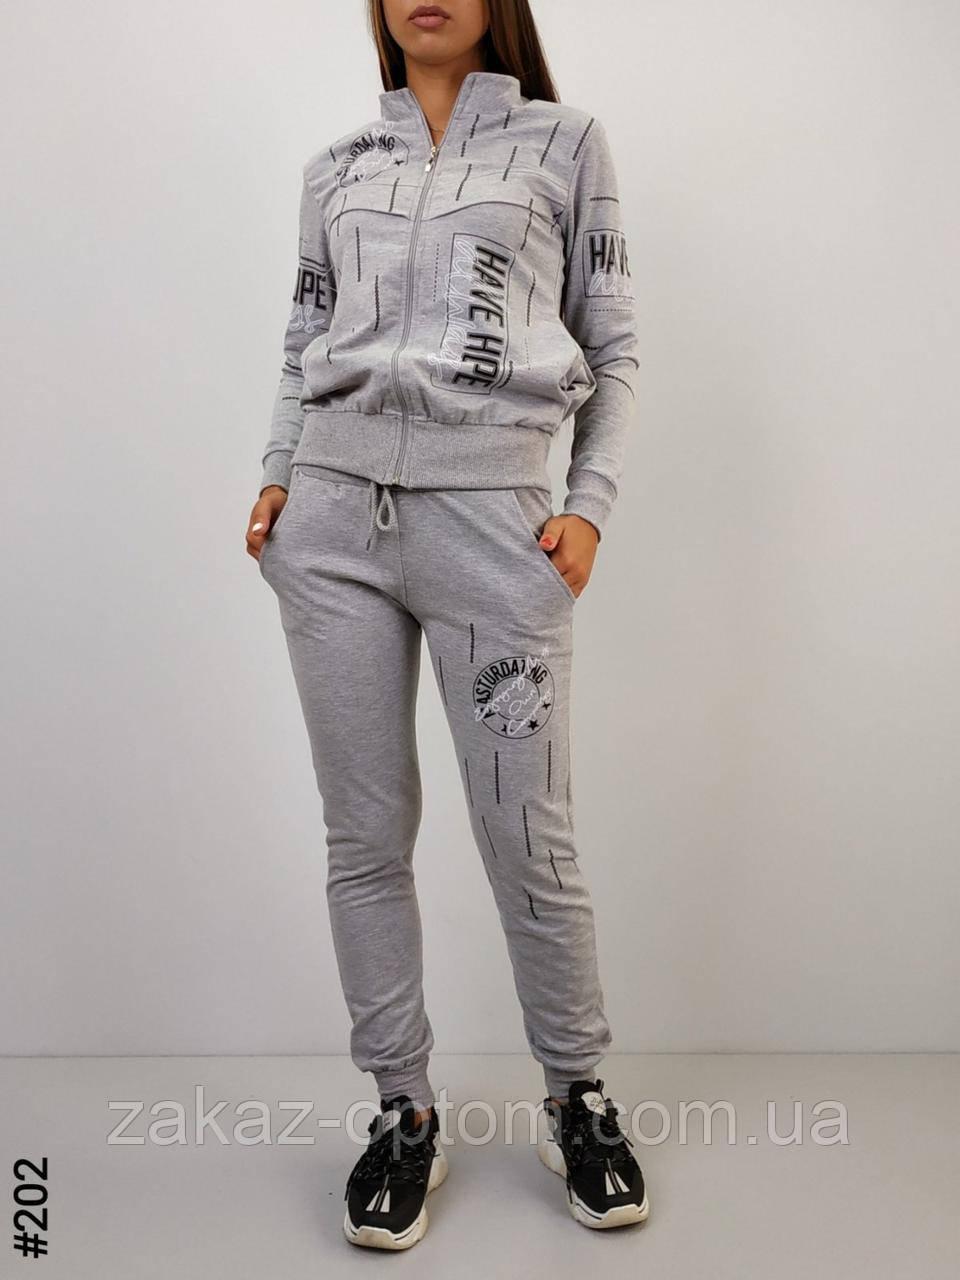 Спортивный костюм женский оптом (S-XL) Турция 202-65301